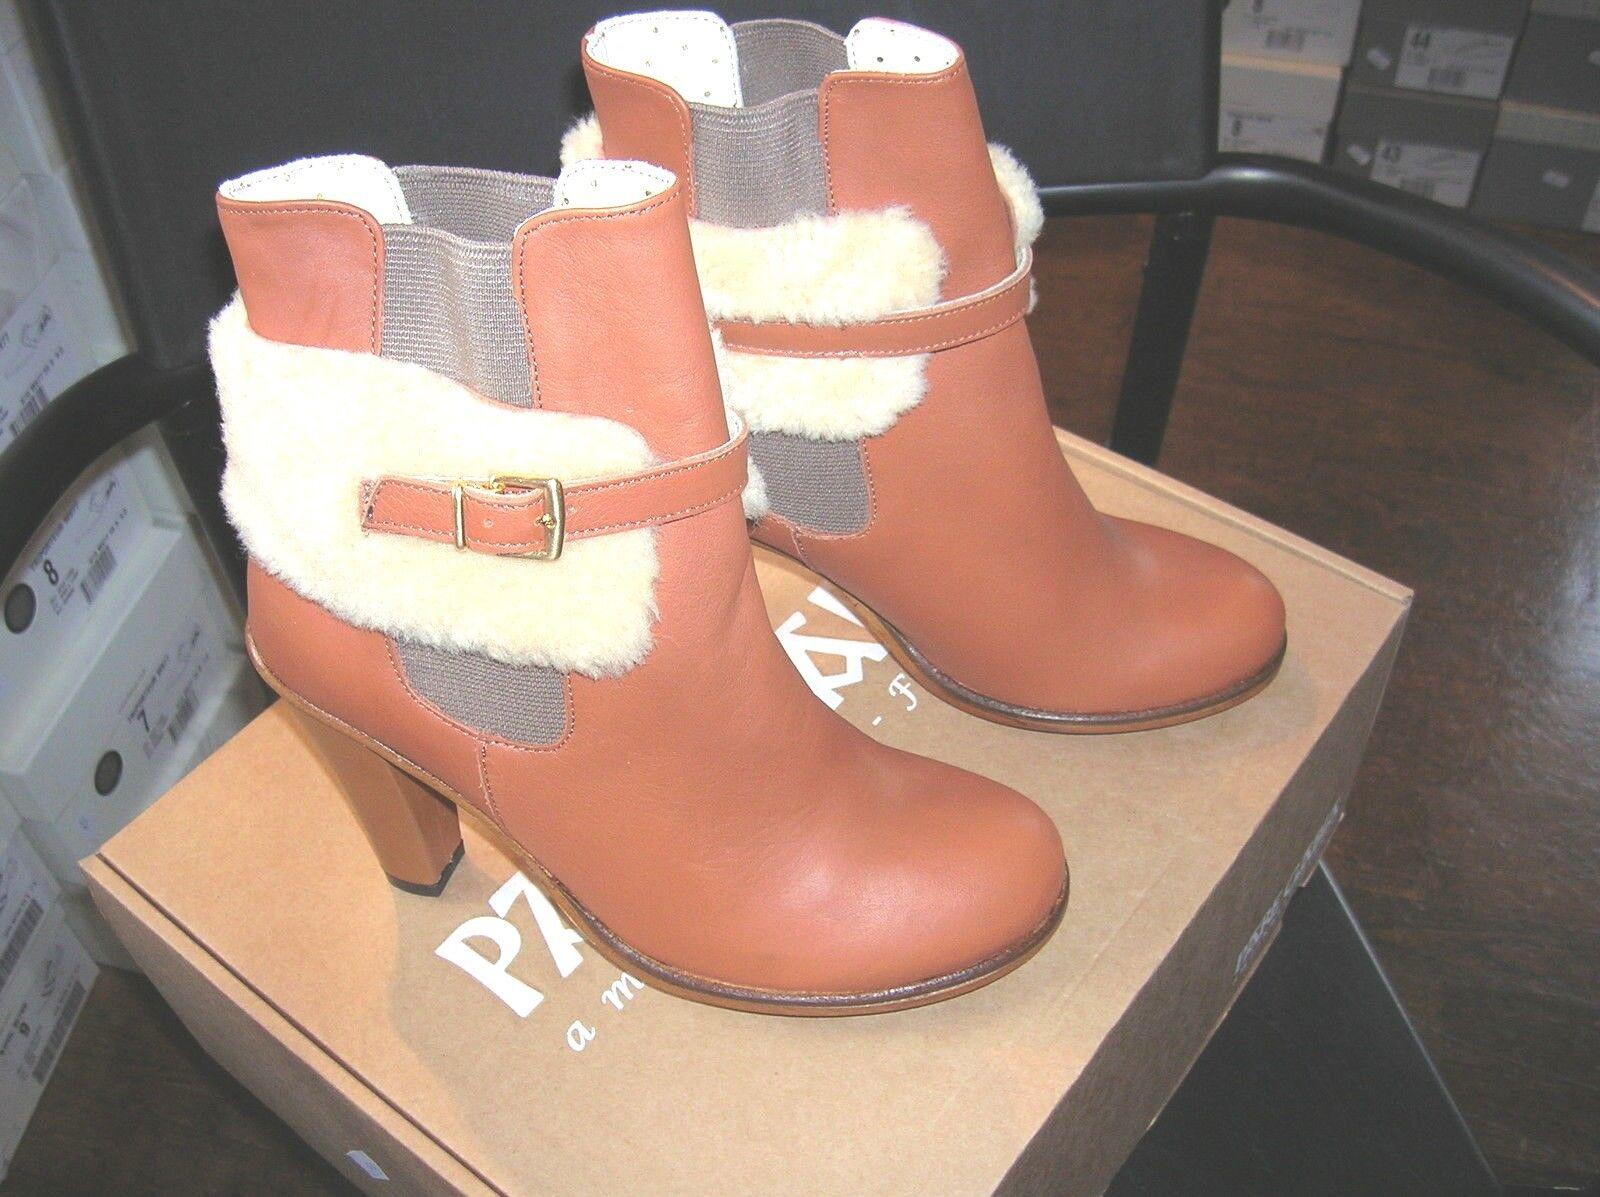 PARE GABIA Rina Nappa Nappa Nappa Karamell neu talon9cm Valeur199E Schuhgrößen,37.38.39.40 abe4b7